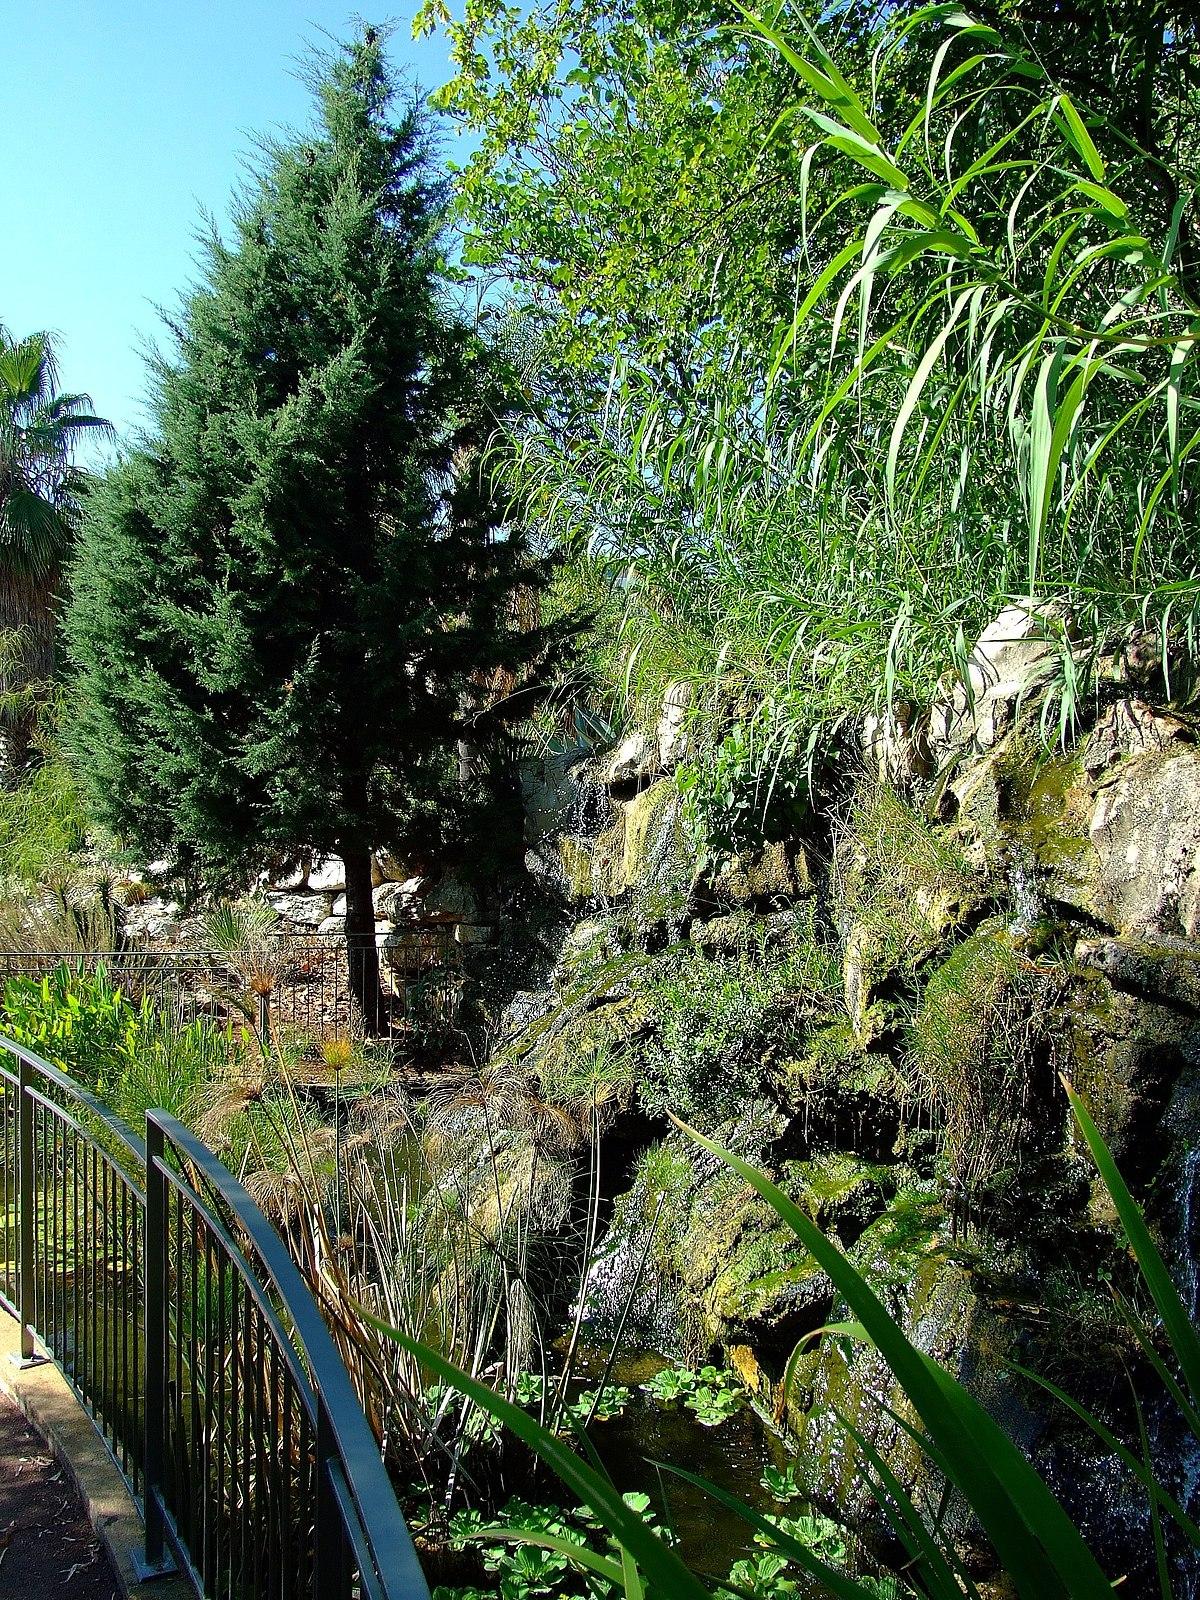 Jardin botanique de la ville de nice wikidata for Jardin botanique